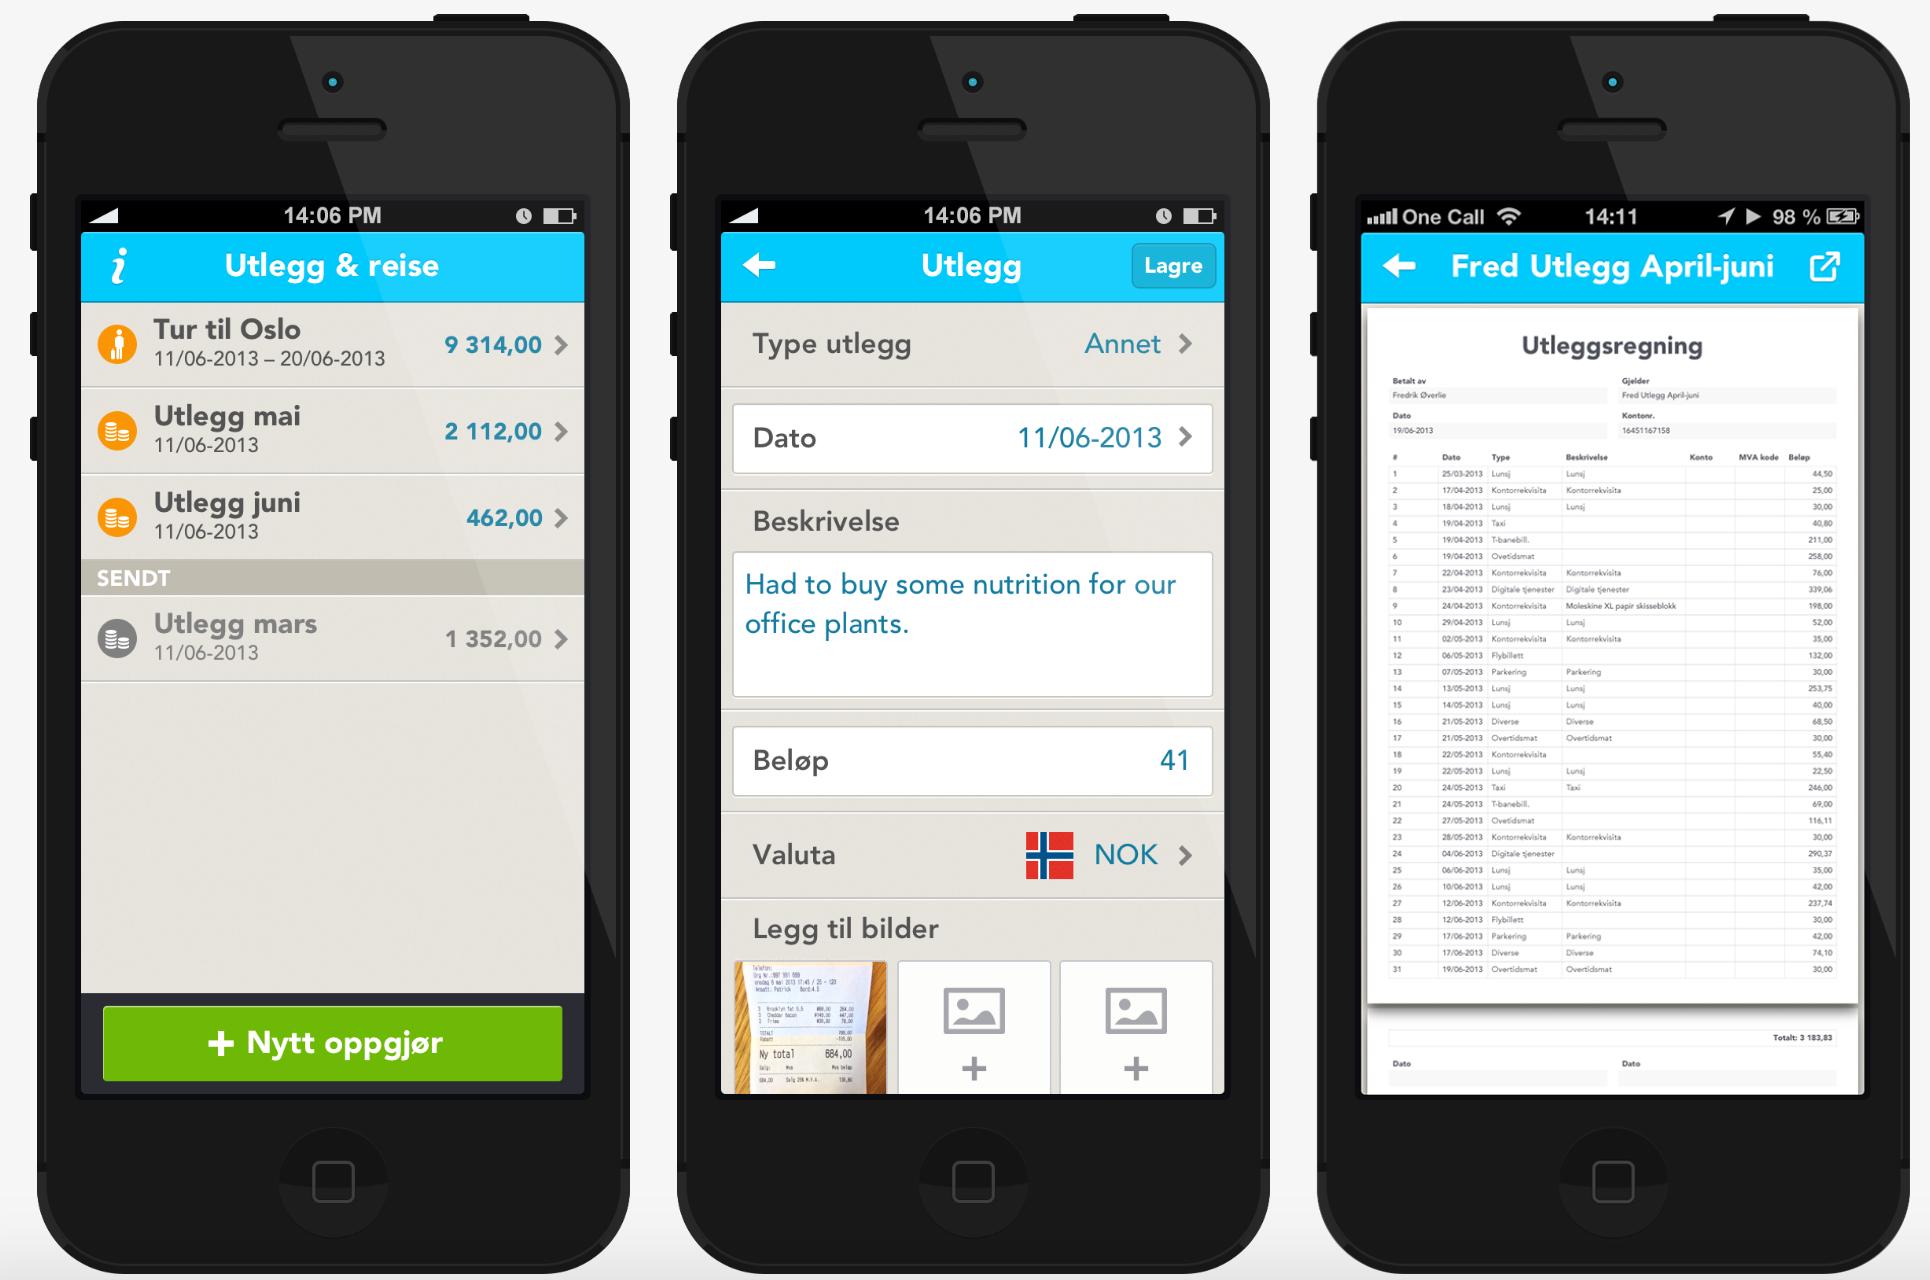 Apps-Utlegg-reise